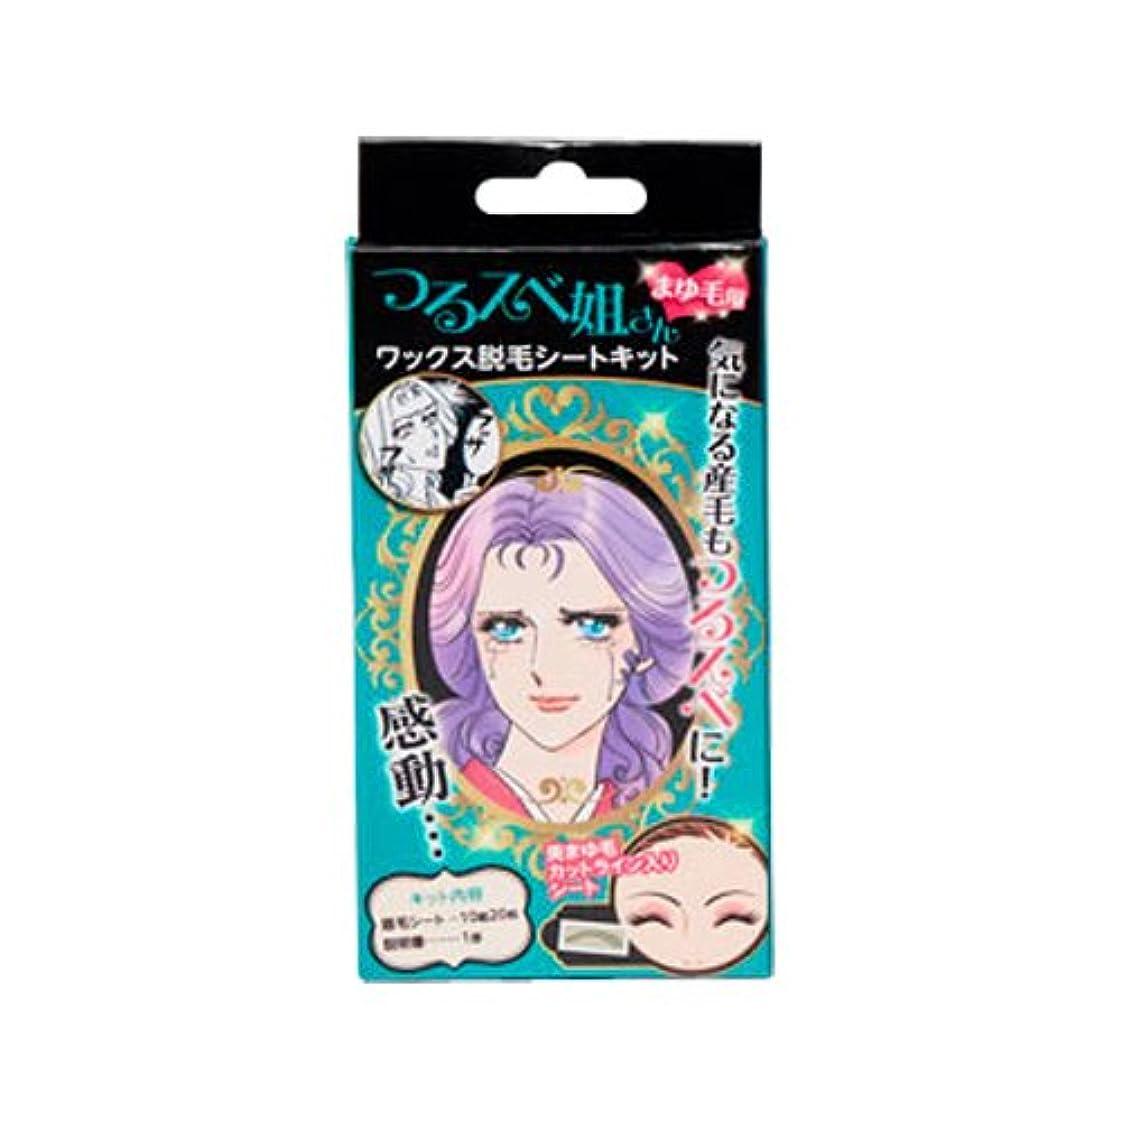 ショート増強瞑想的つるスベ姐さん まゆ毛用 ワックス脱毛シートキット (20枚)